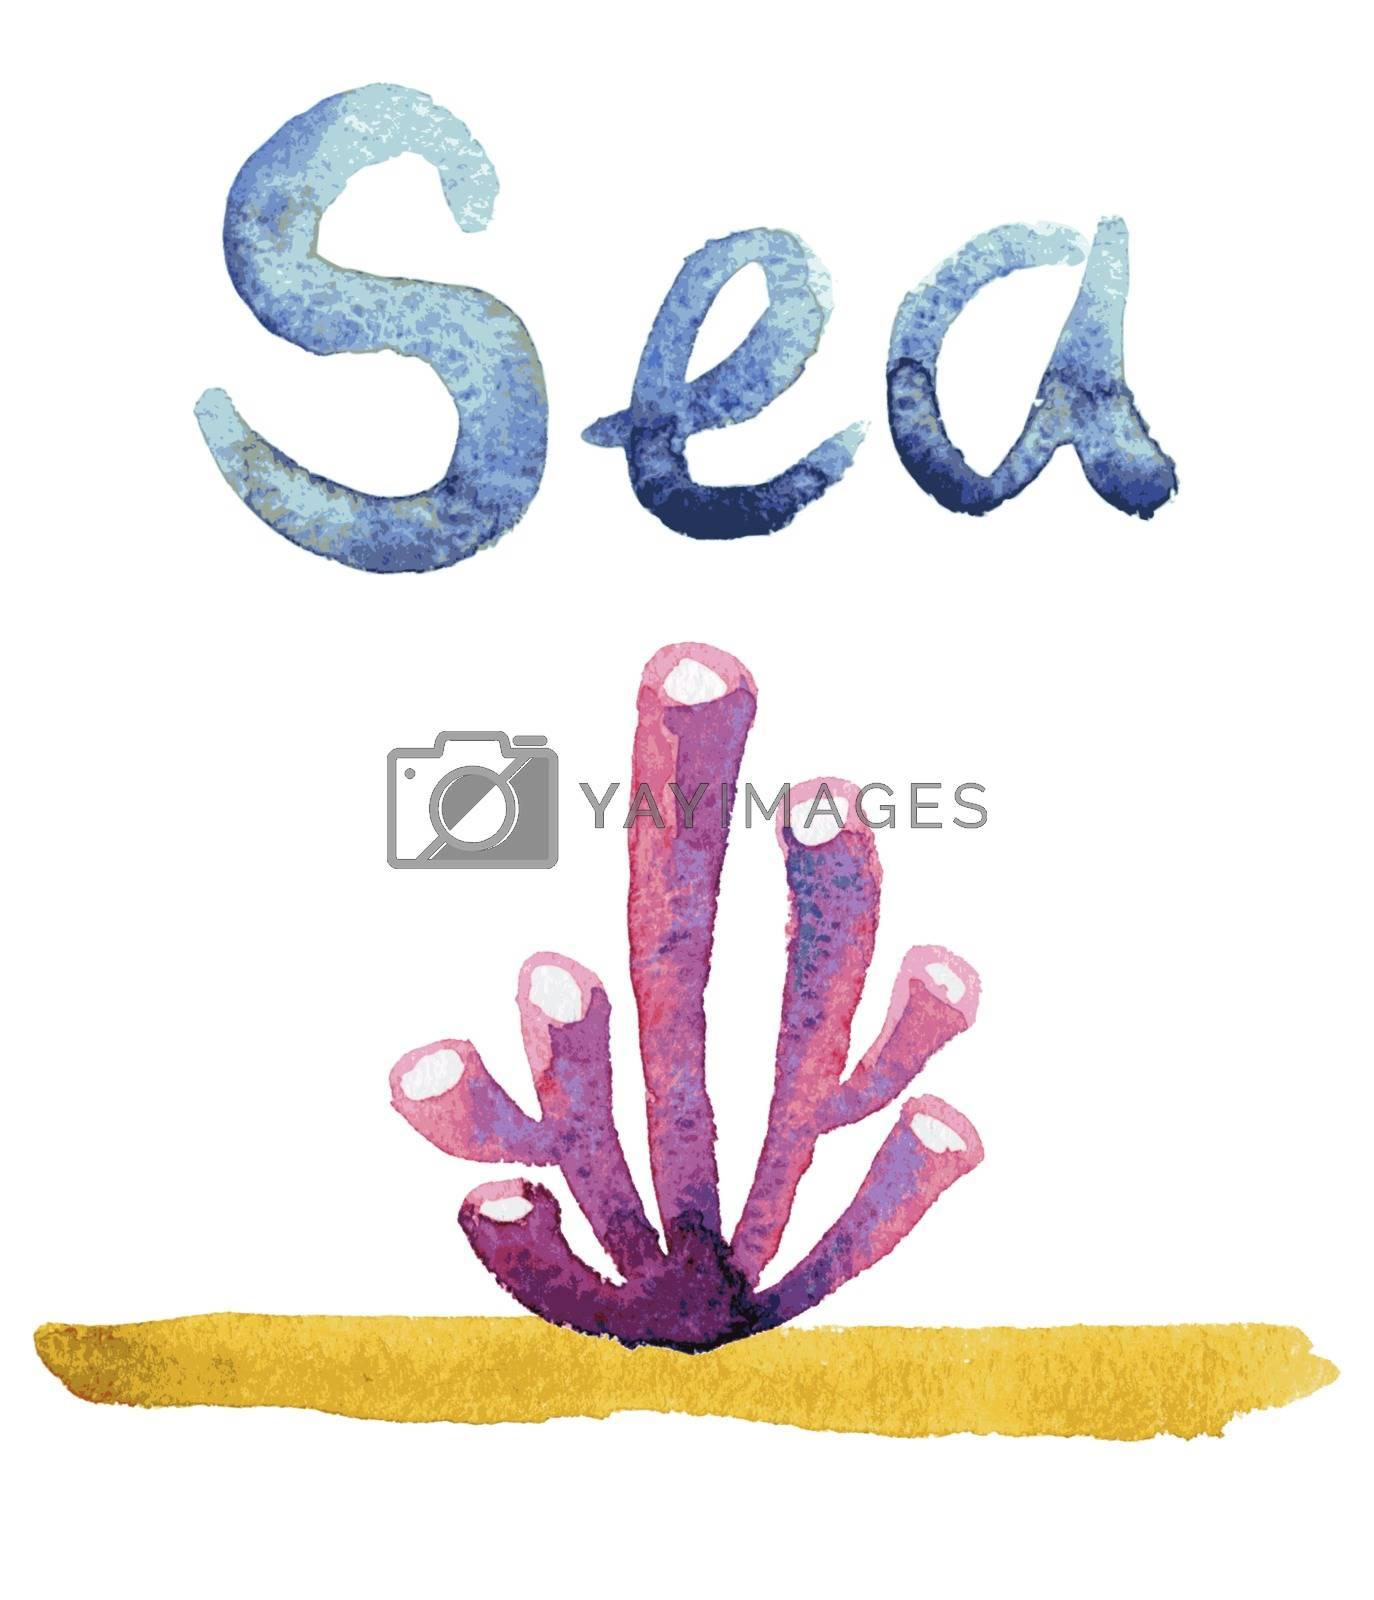 Royalty free image of Watercolor sea sponge by OlgaBerlet